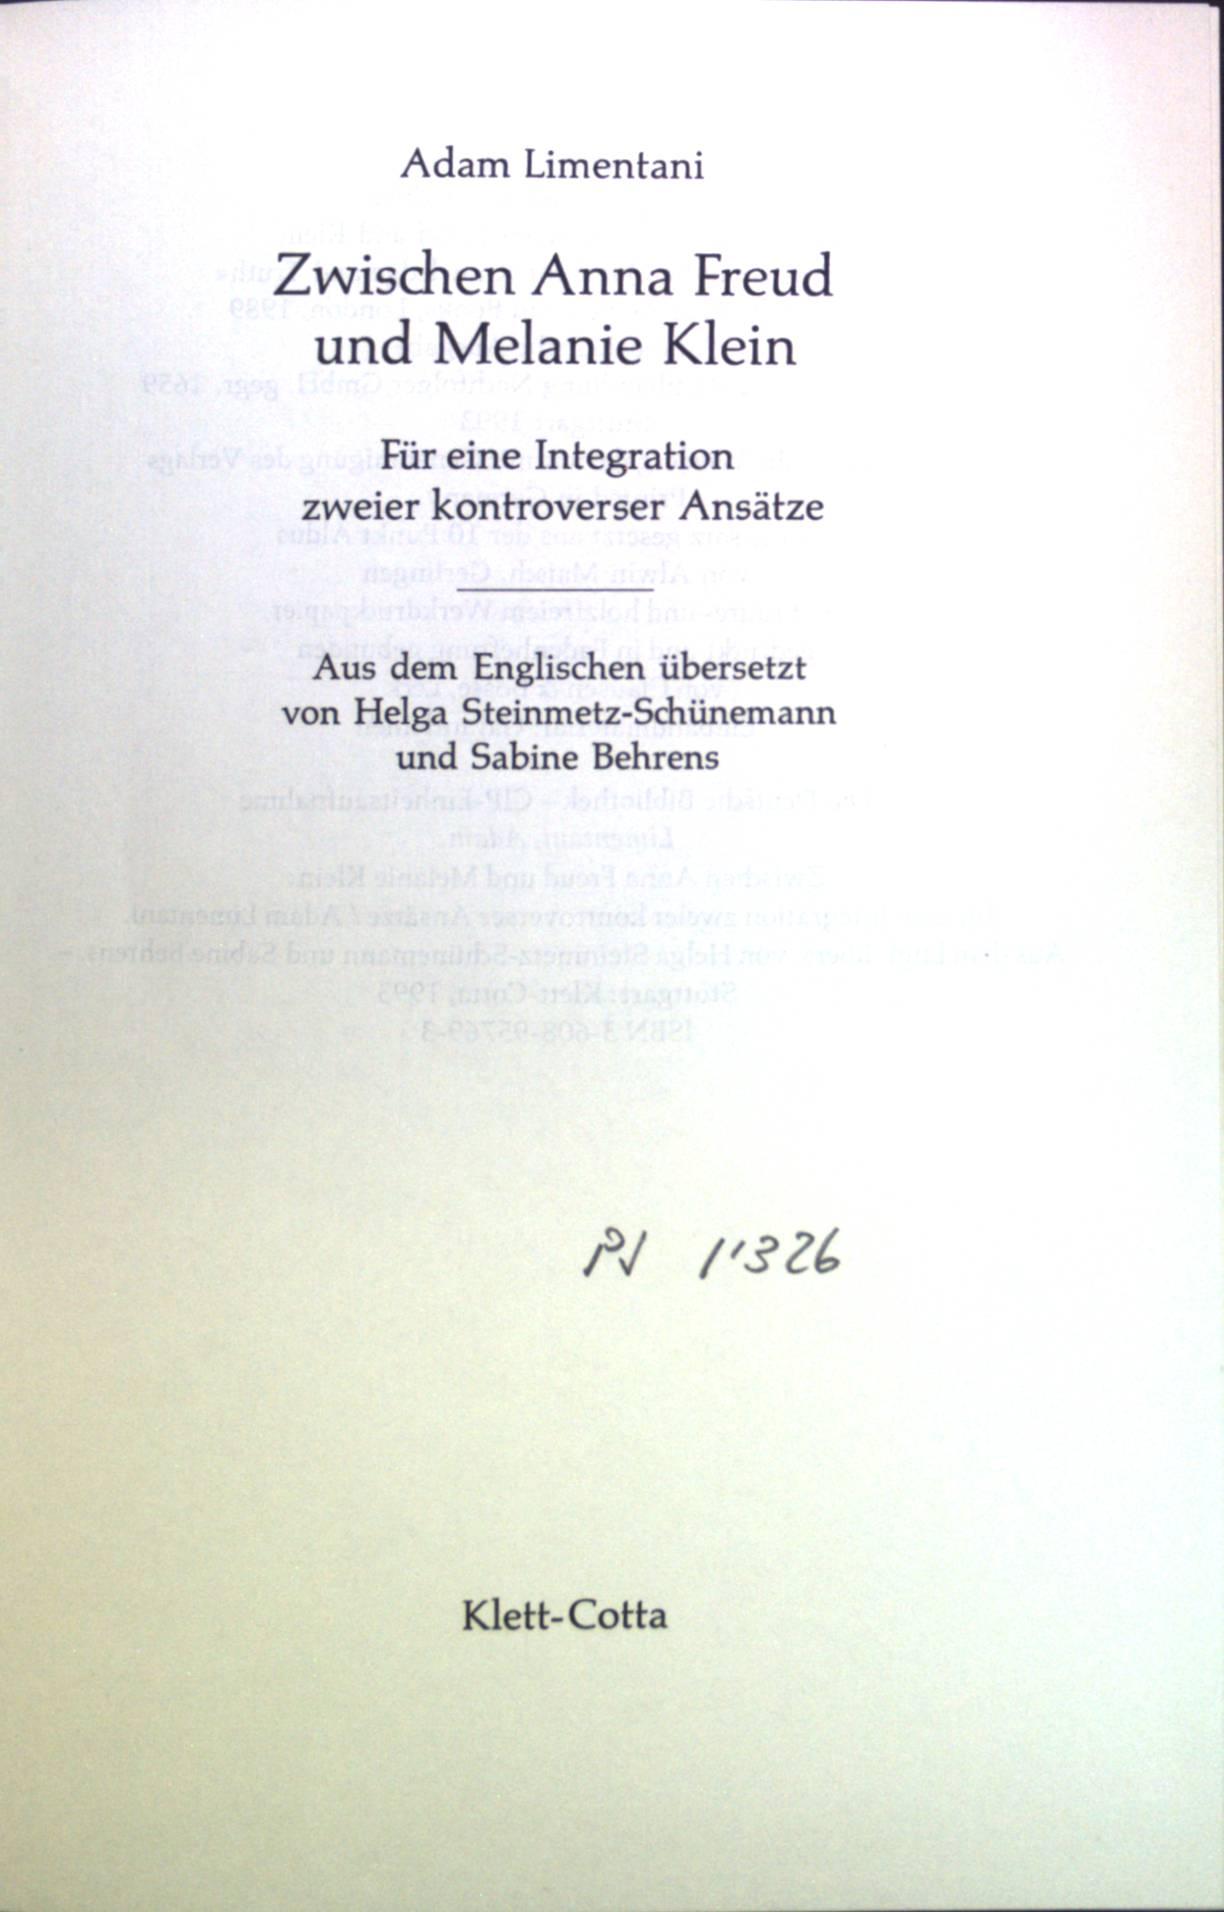 Zwischen Anna Freud und Melanie Klein : Für eine Integration zweier kontroverser Ansätze. - Limentani, Adam